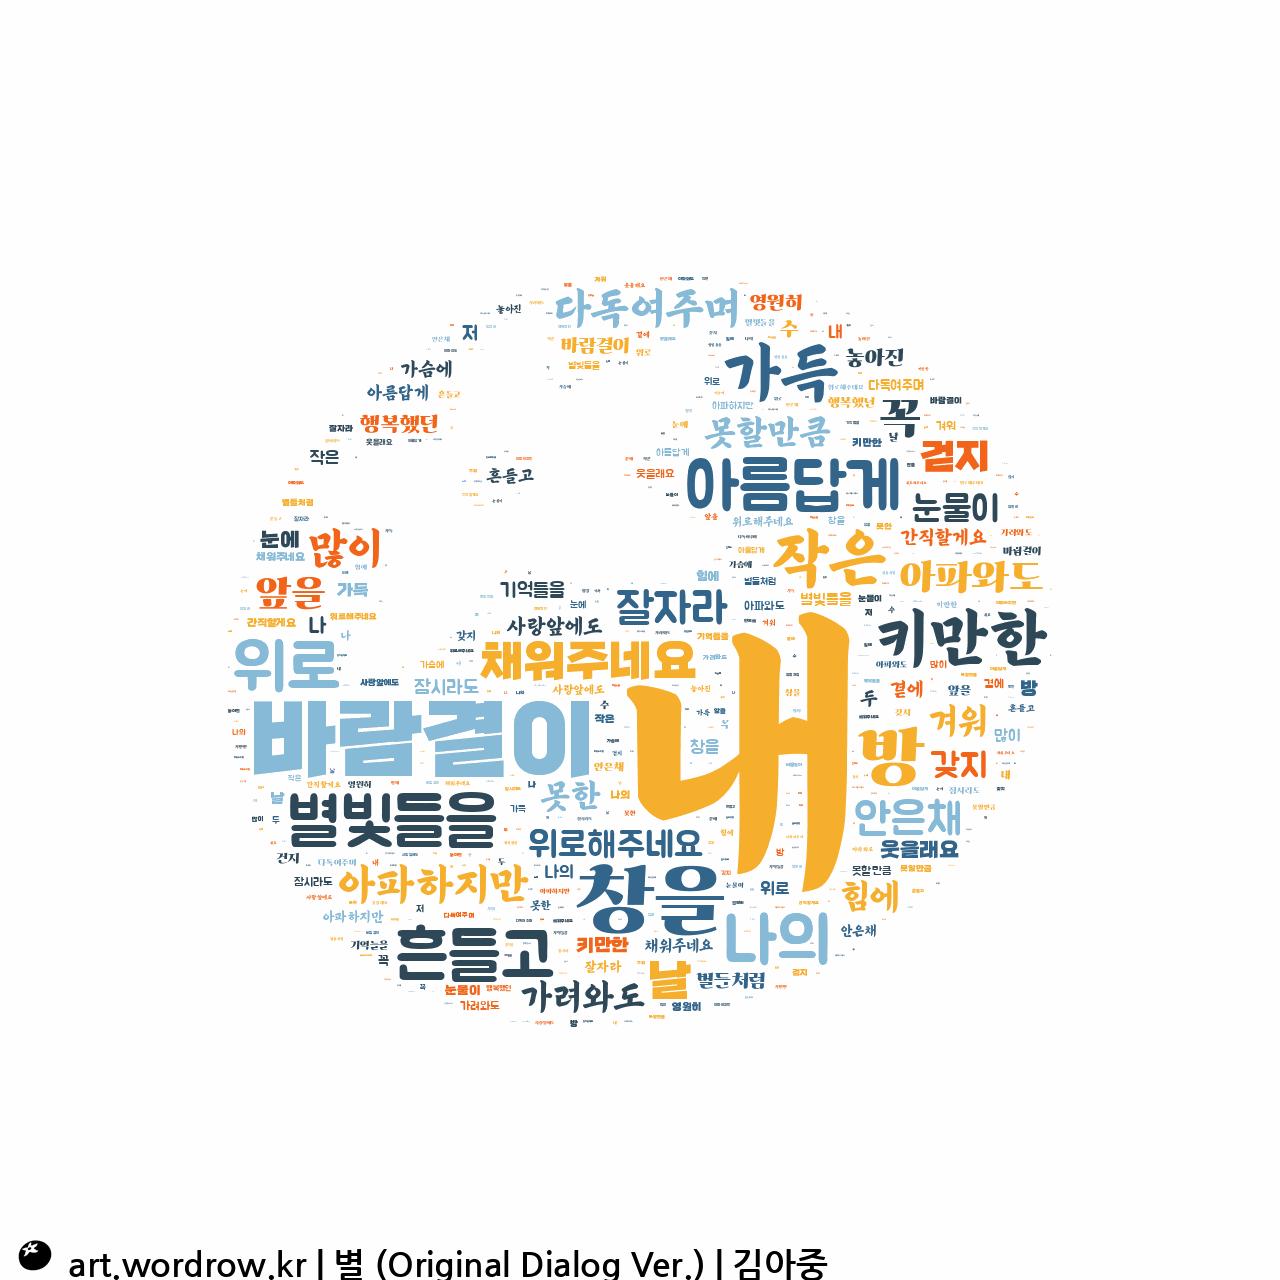 워드 아트: 별 (Original Dialog Ver.) [김아중]-27